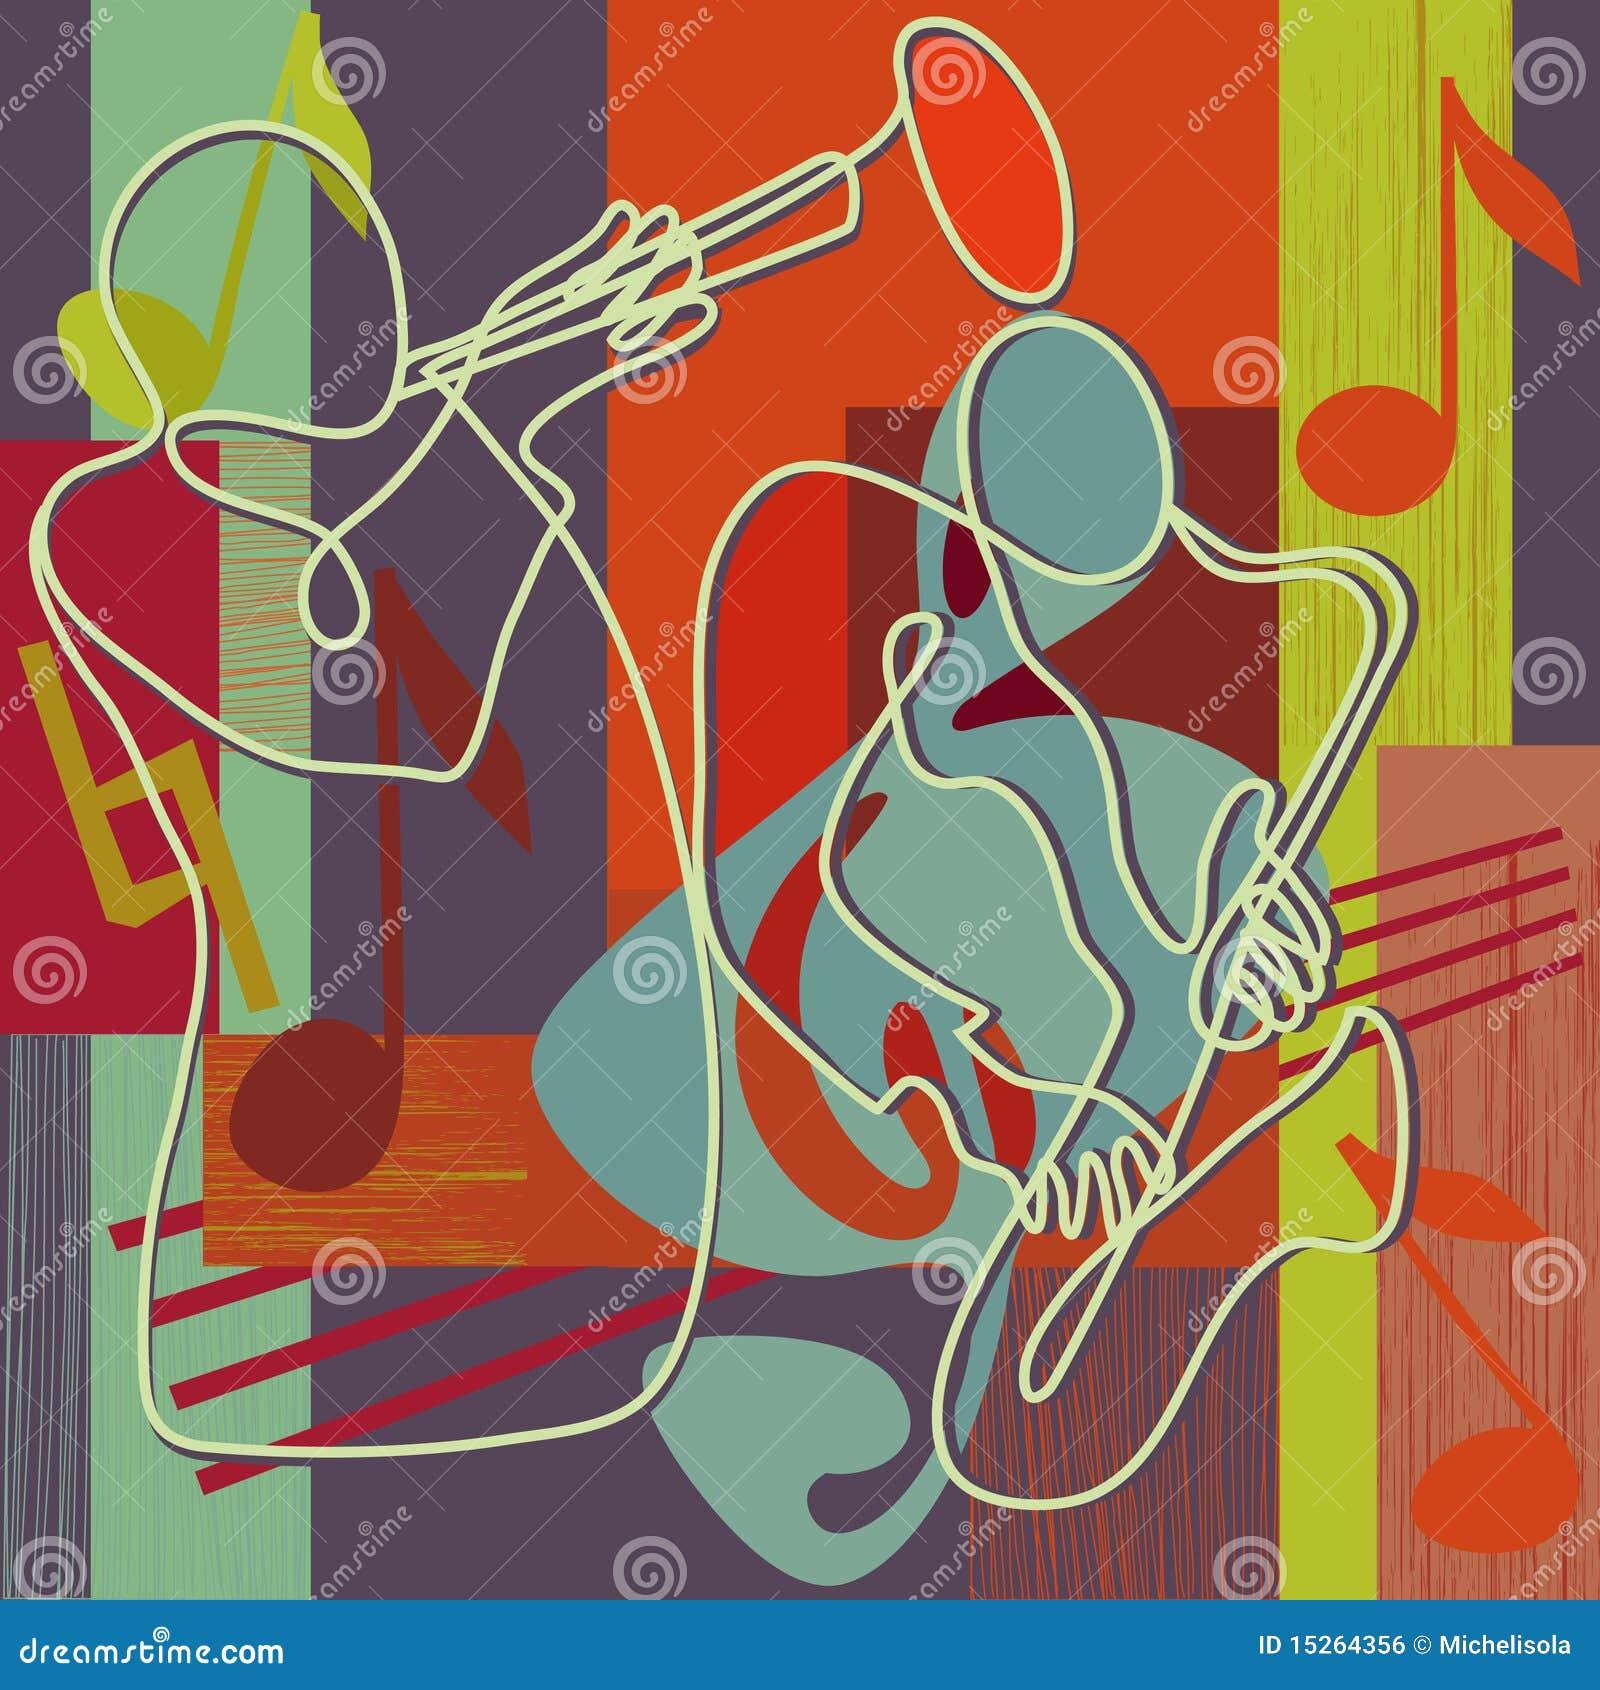 Ilustración del festival de jazz